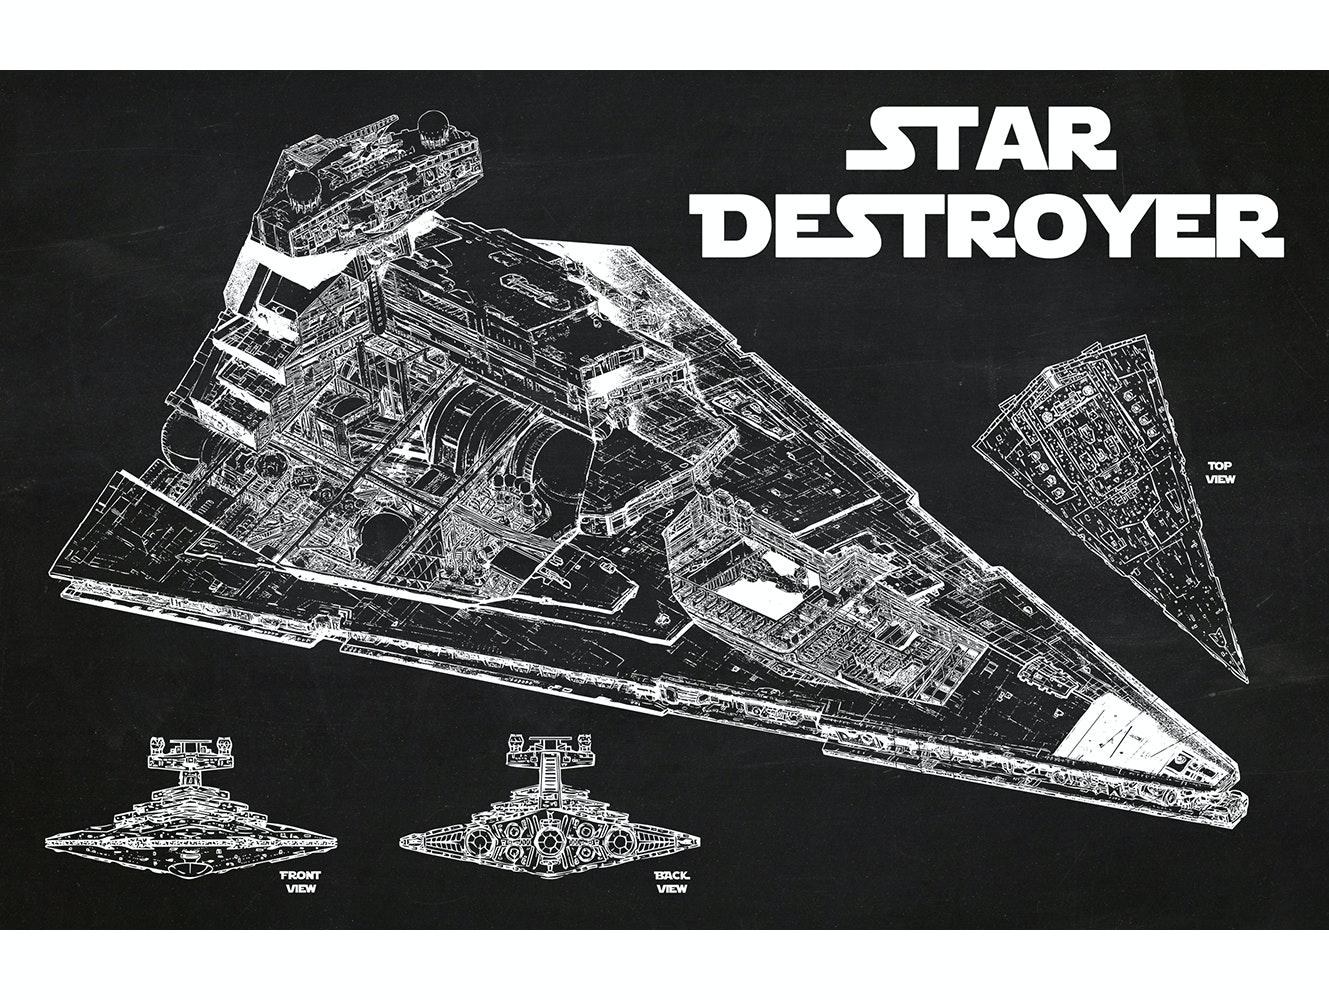 Star Wars - Star Destroyer